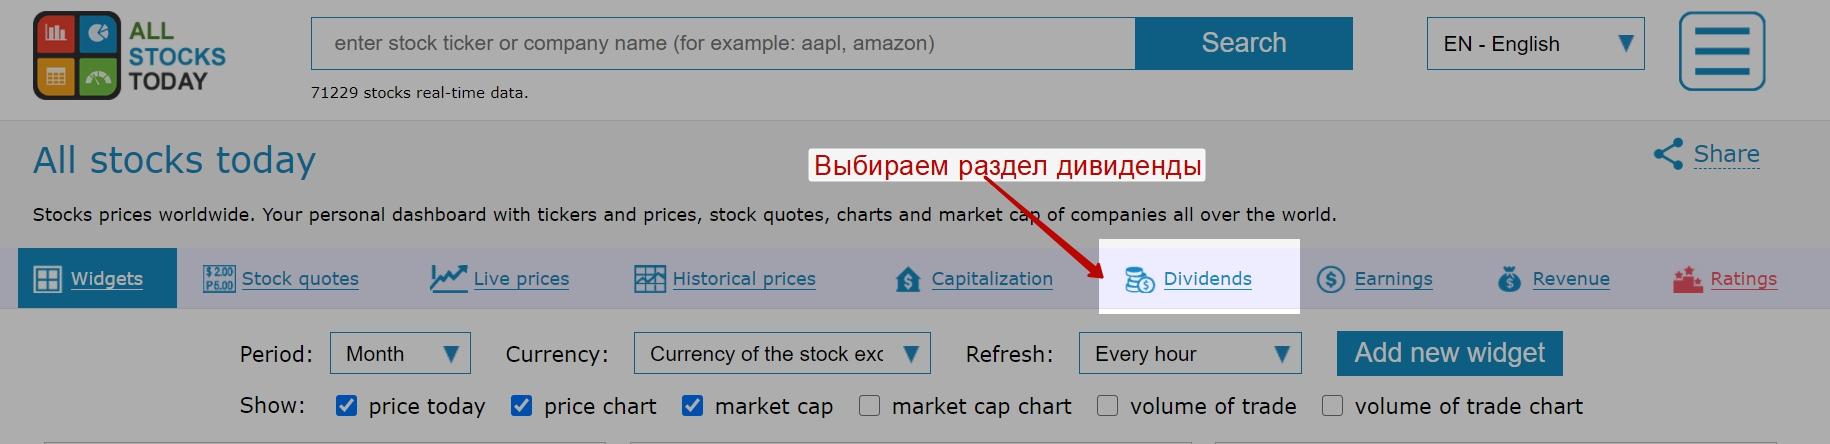 allstockstoday.com для поиска китайских дивидендных акций